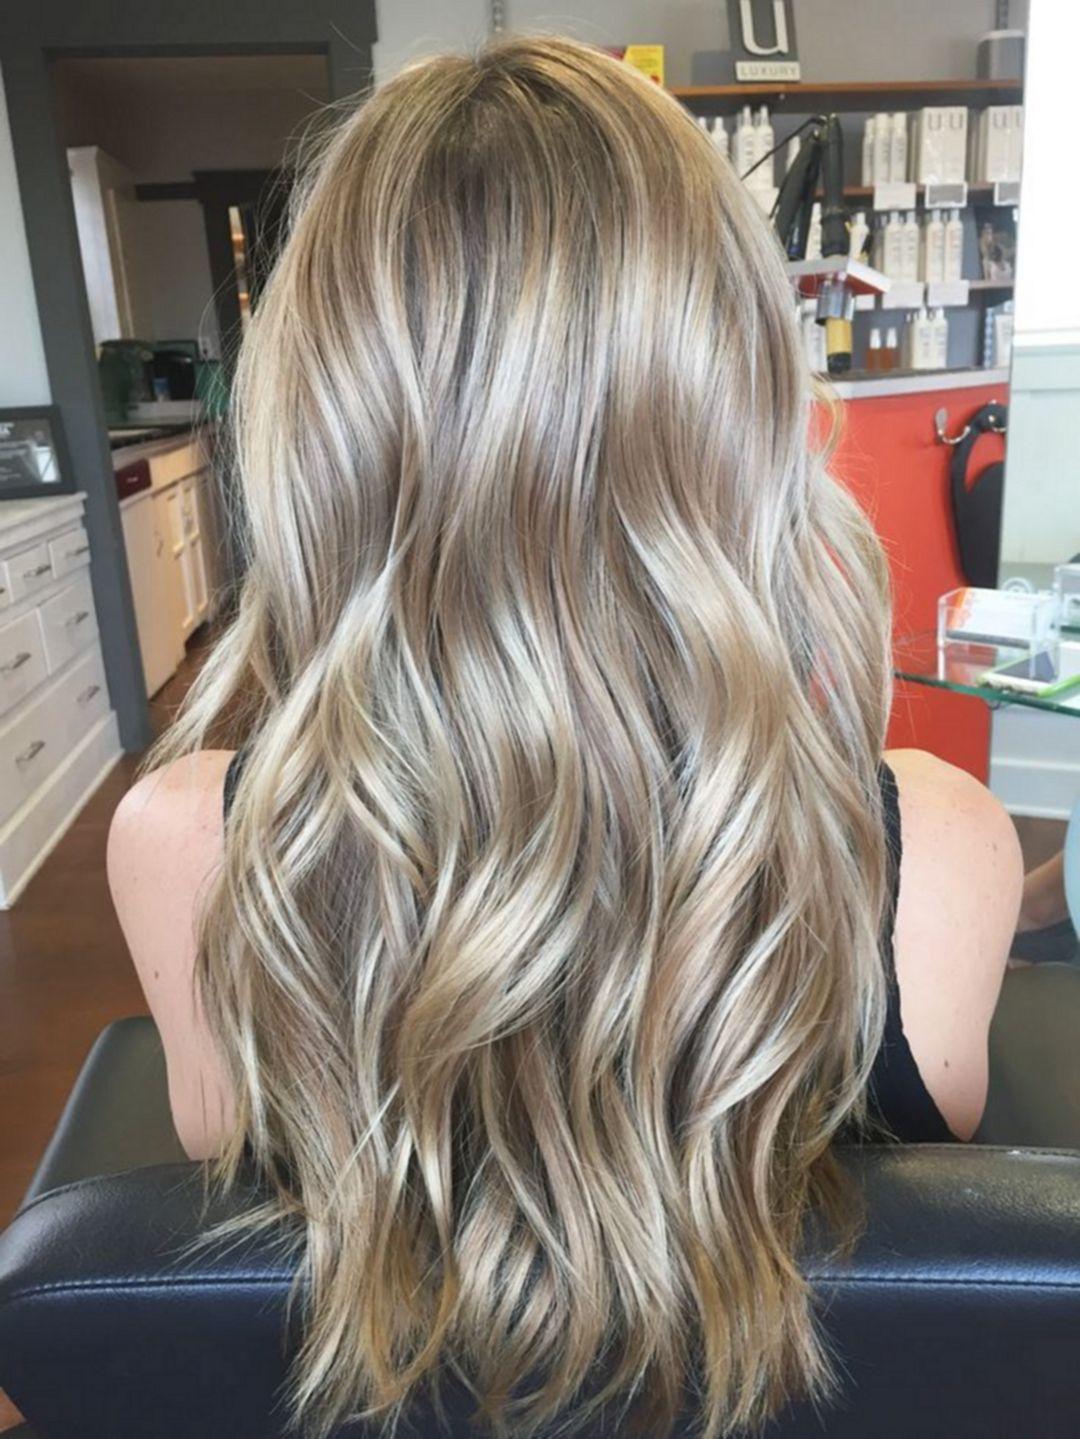 24 Hair Dye Ideas For Dark Hair